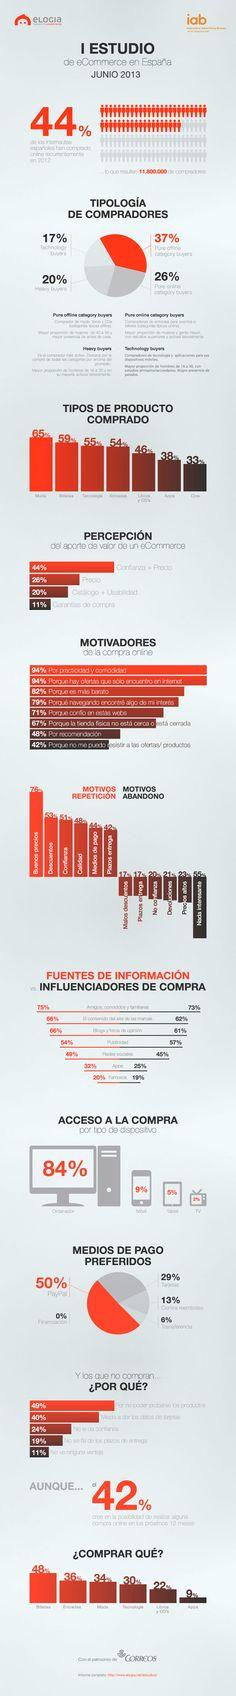 Infografía de @elogia_net sobre el Primer Estudio de eCommerce de IAB Spain